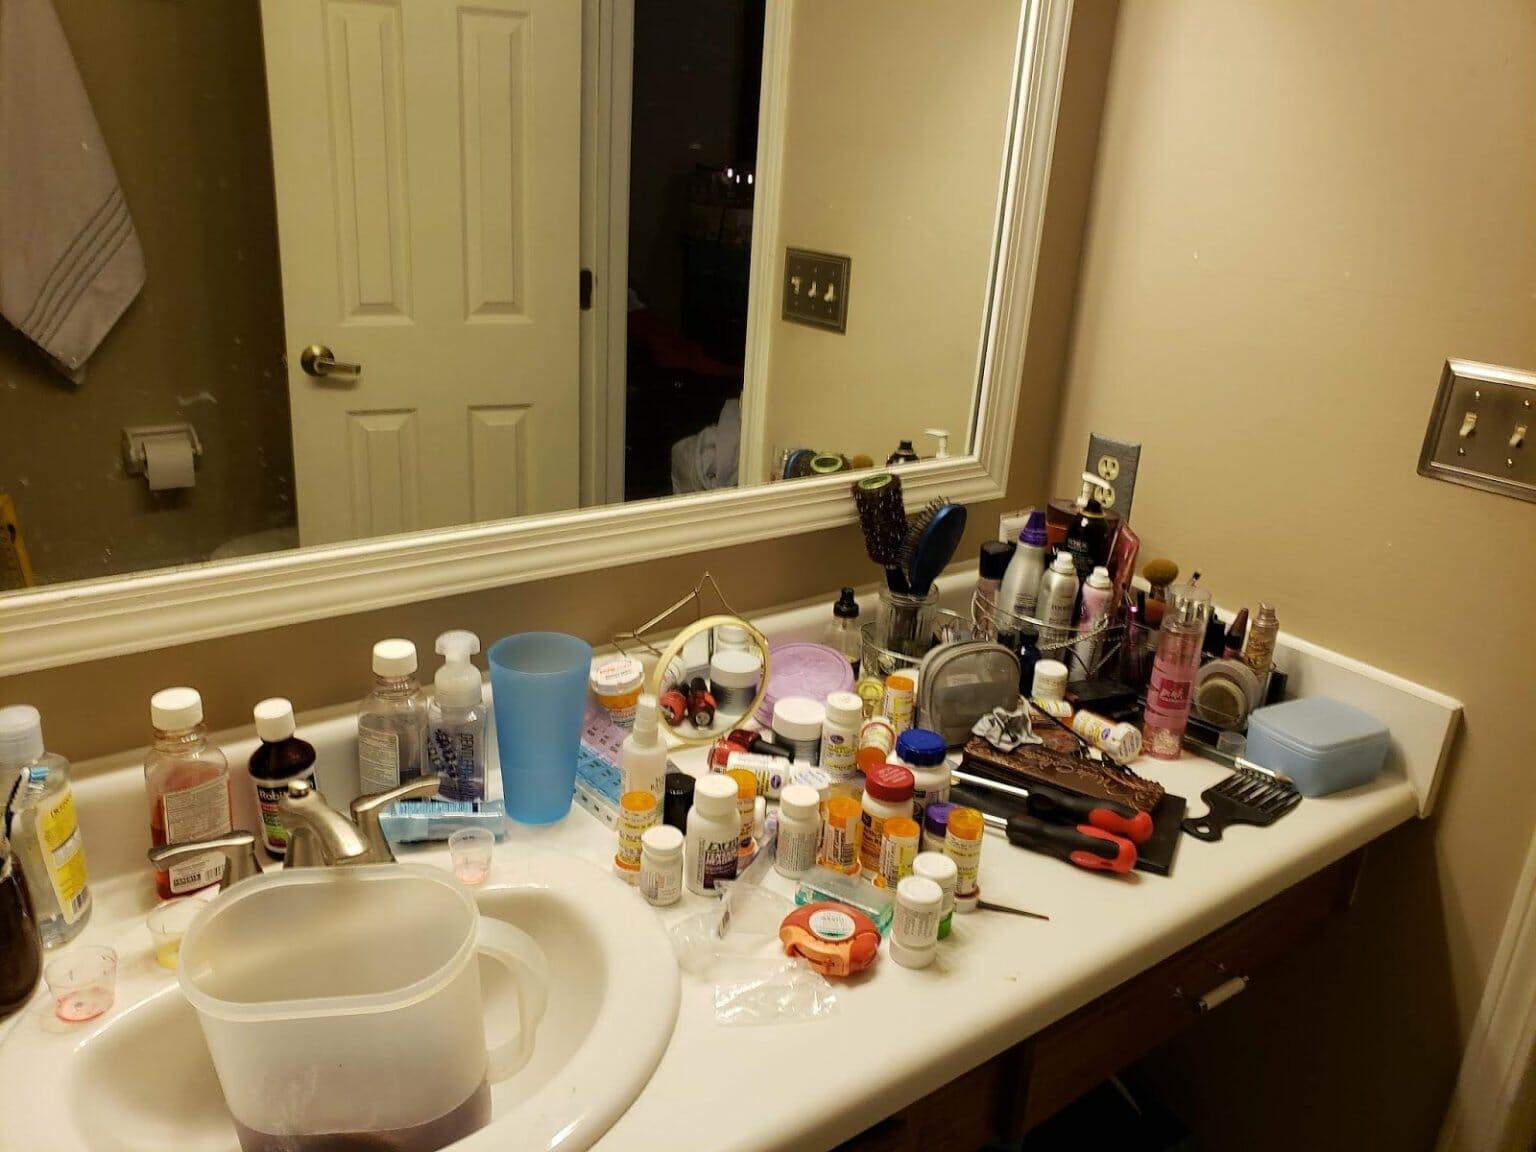 hình ảnh bệ bồn rửa mặt phòng tắm với la liệt vật dụng cá nhân như sữa dưỡng, sữa tắm, dầu gội...